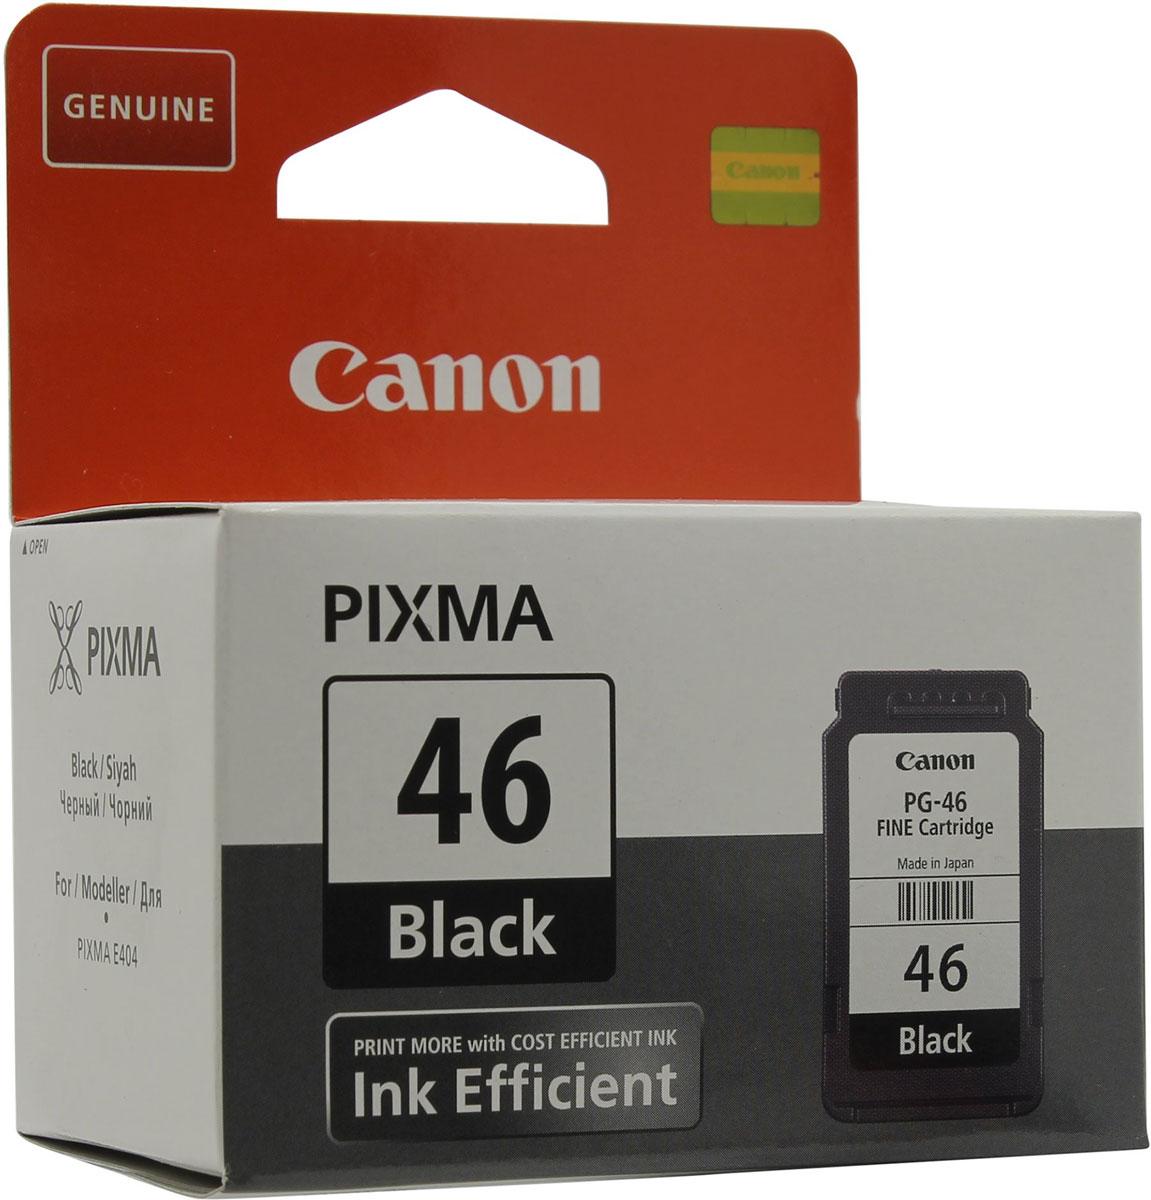 Canon PG-46, Black картридж для Pixma E4649059B001Оригинальный картридж Canon PG-46 с оригинальными чернилами гарантирует профессиональный вид печатаемых документов и высокую производительность. Надежная печать без проблем. Точная цветопередача и быстрое высыхание. Для получения красивых и долговечных отпечатков сделайте выбор в пользу чернил Canon.